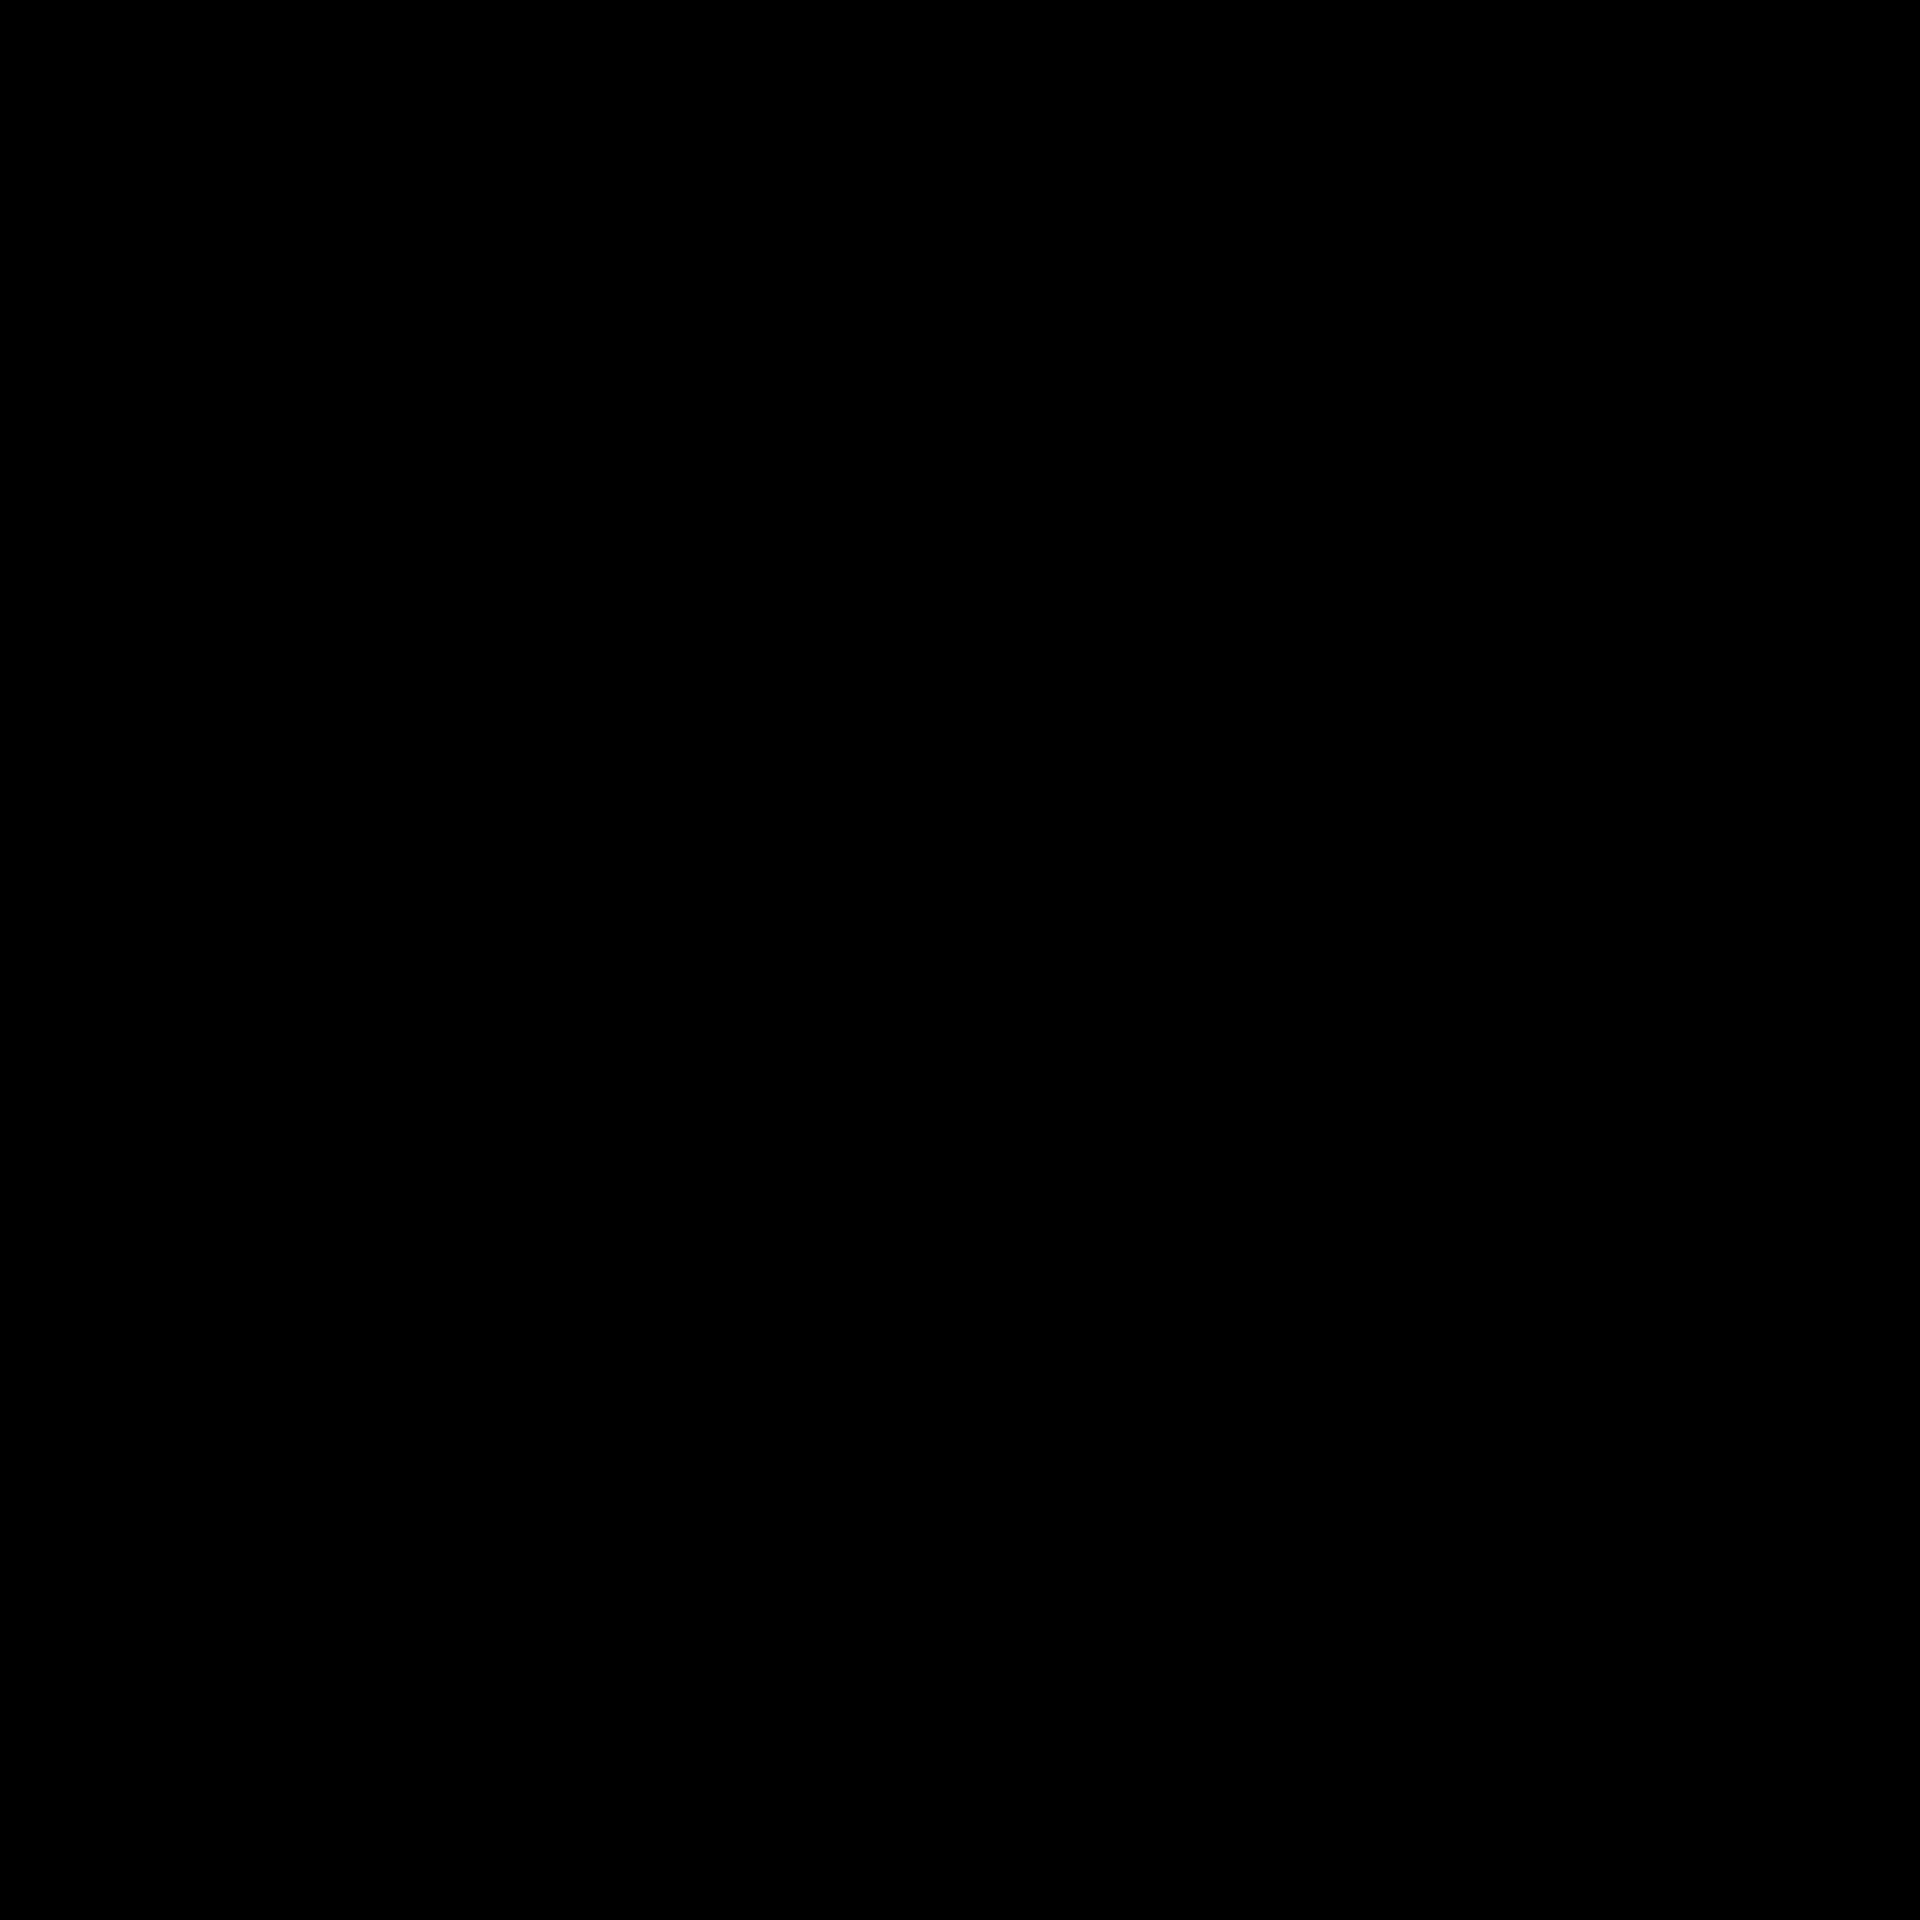 hlg_2936